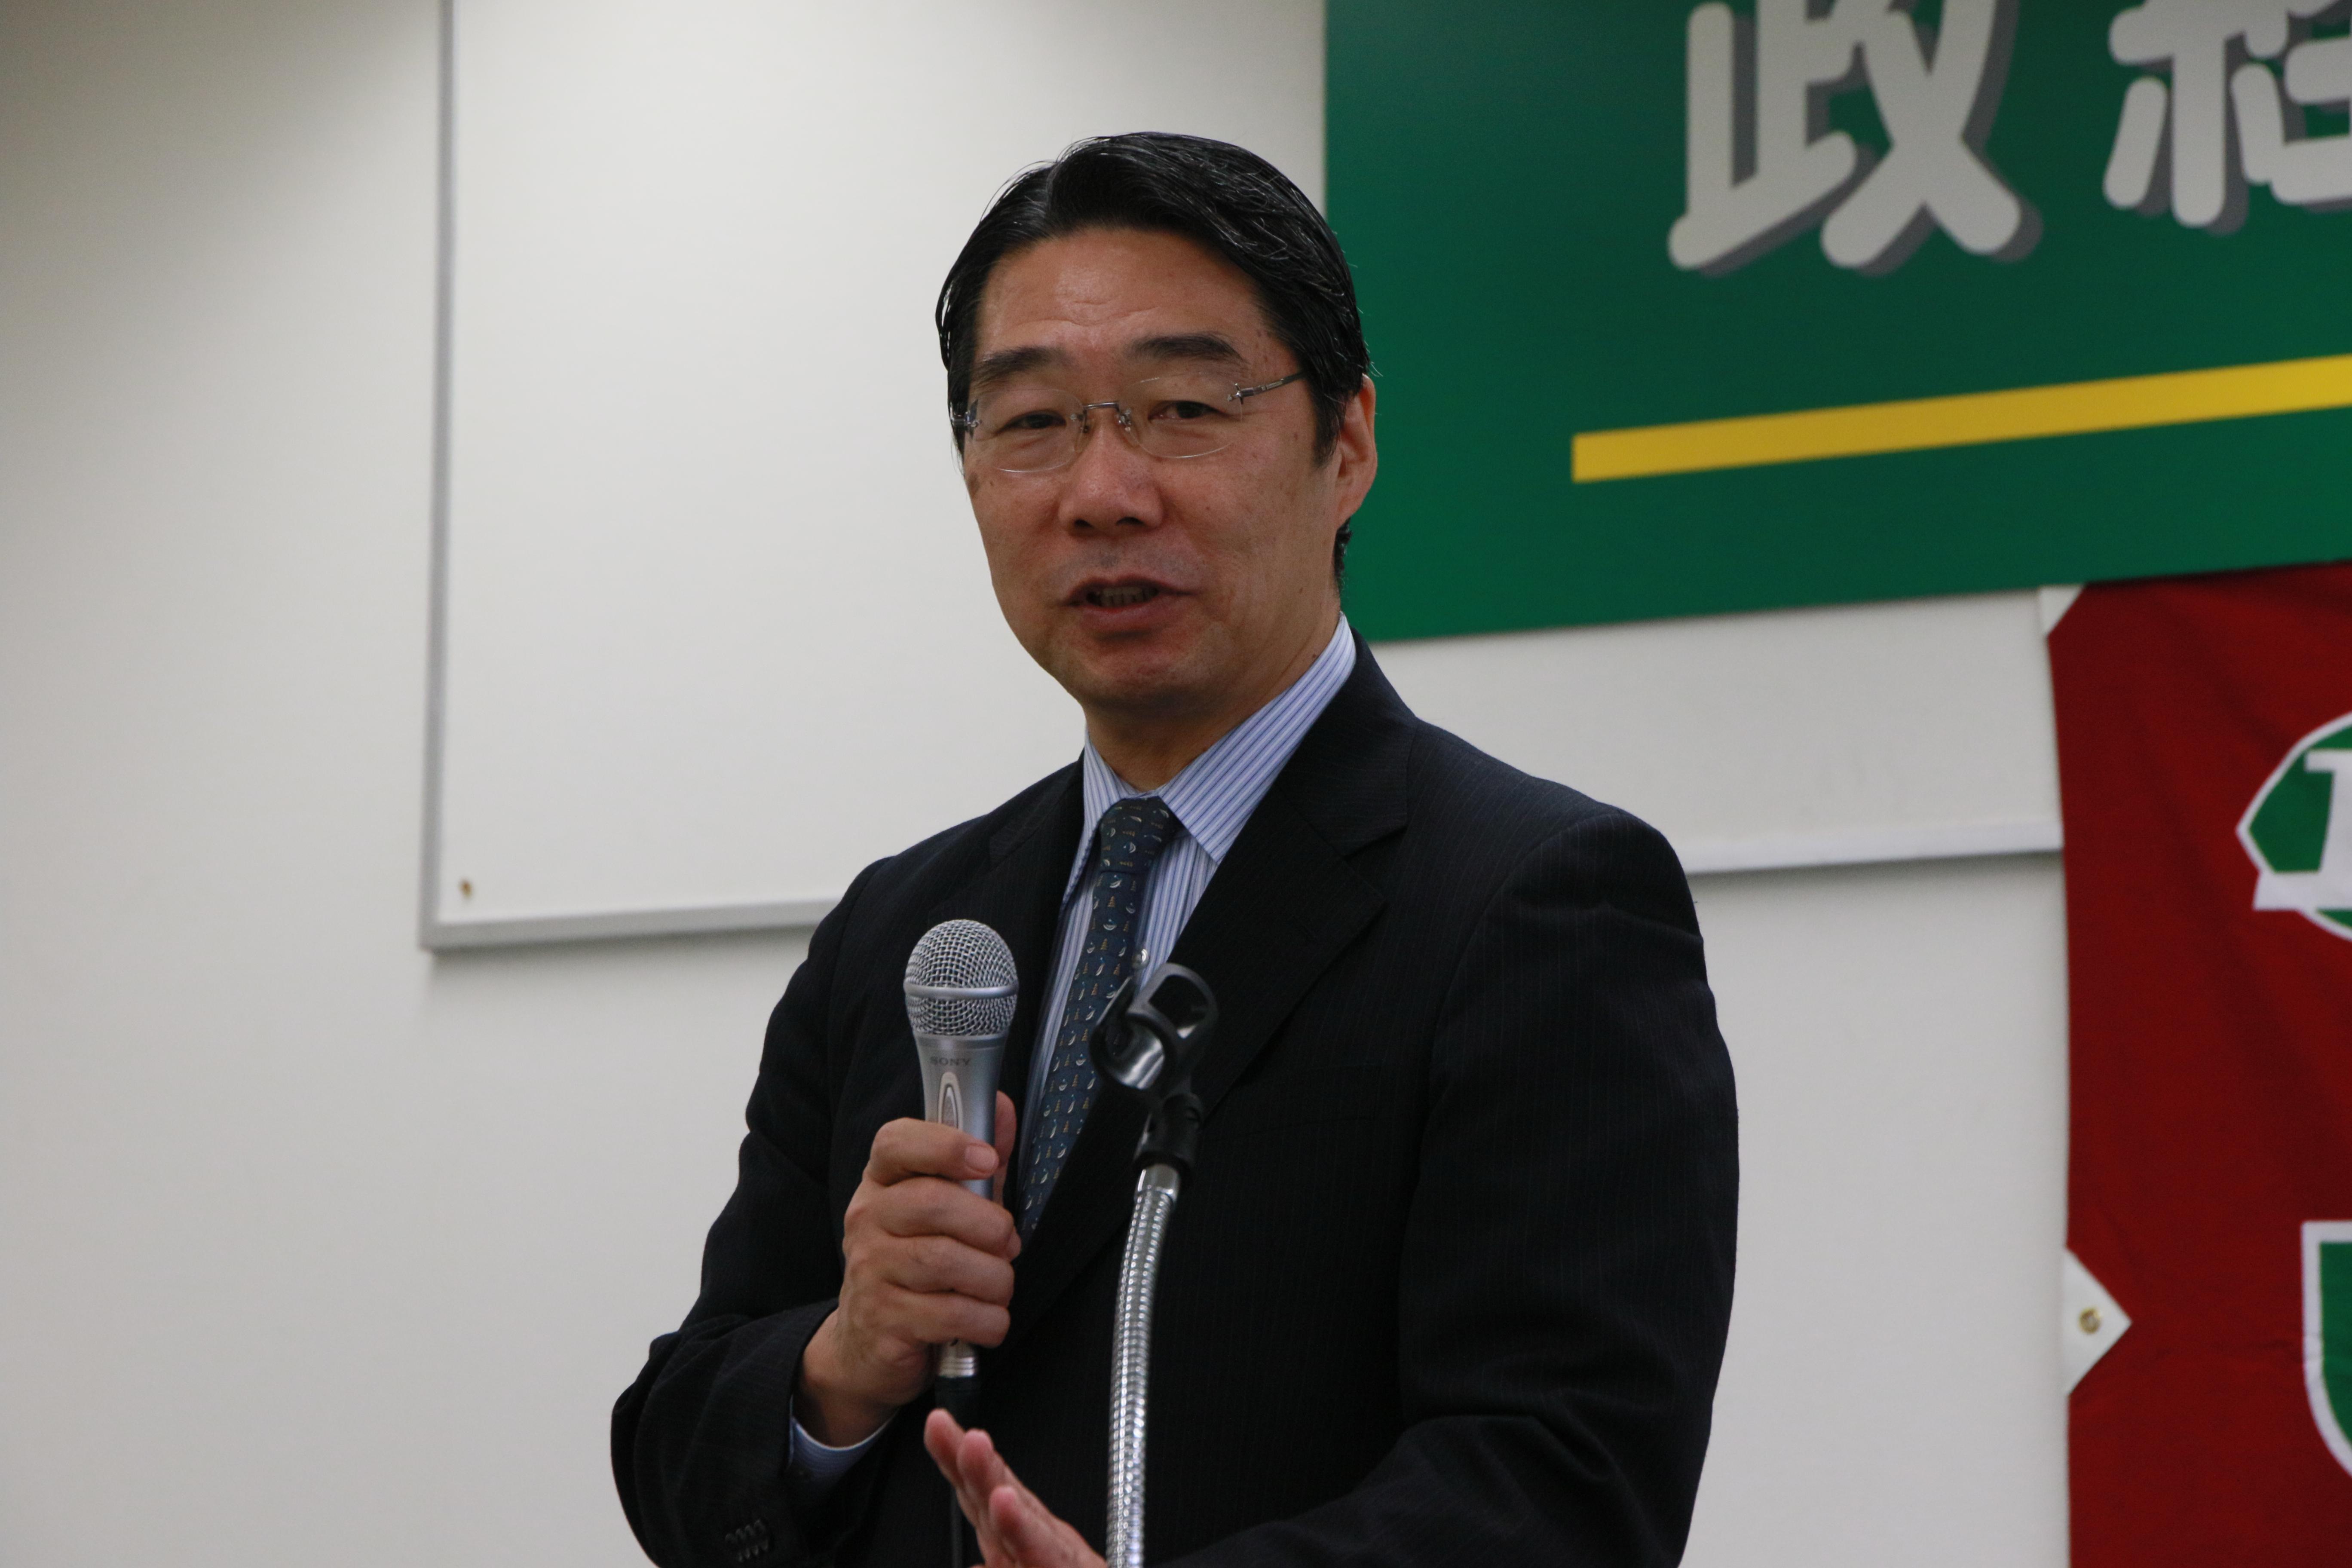 第328回 前文科省事務次官 前川 喜平氏 – JR東労組